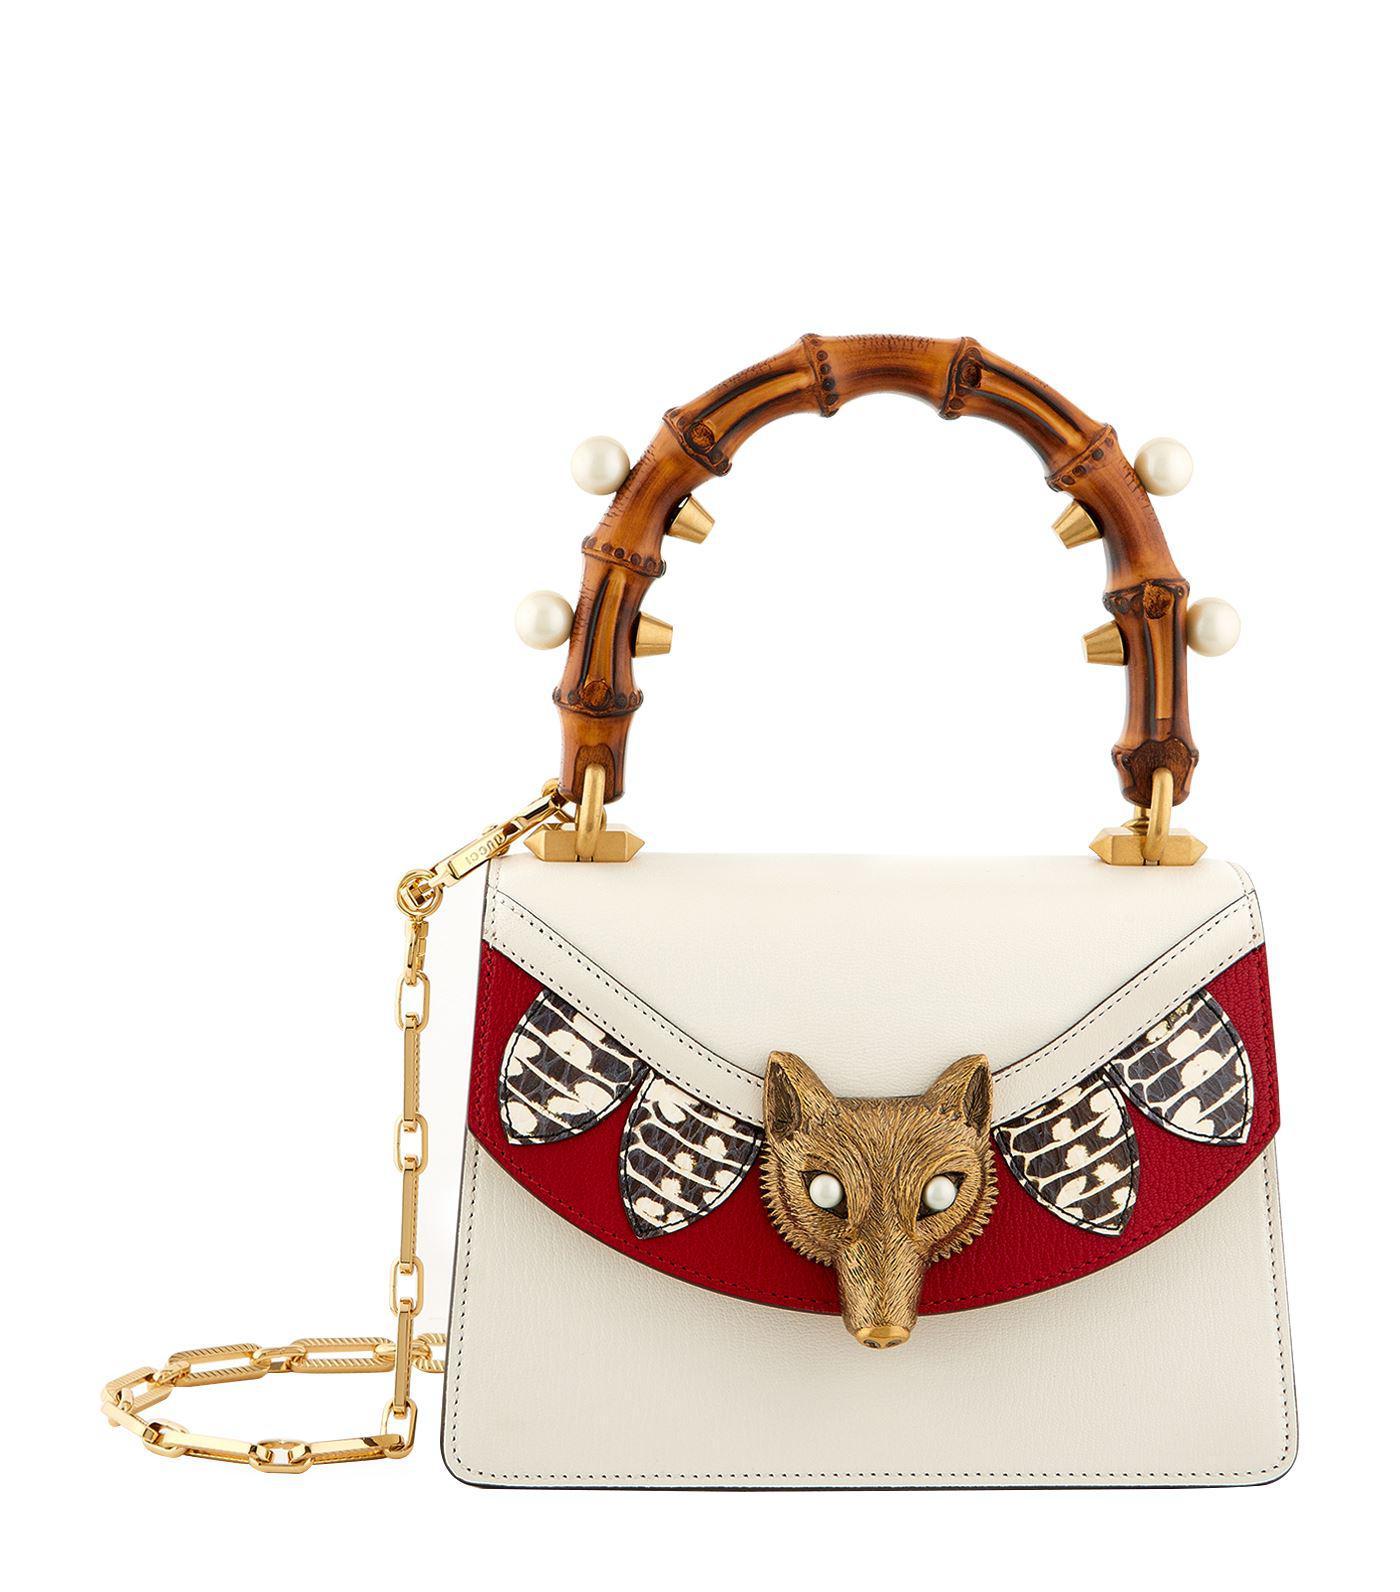 807bab6e021e Gucci Mini Broche Fox Top Handle Bag in White - Lyst